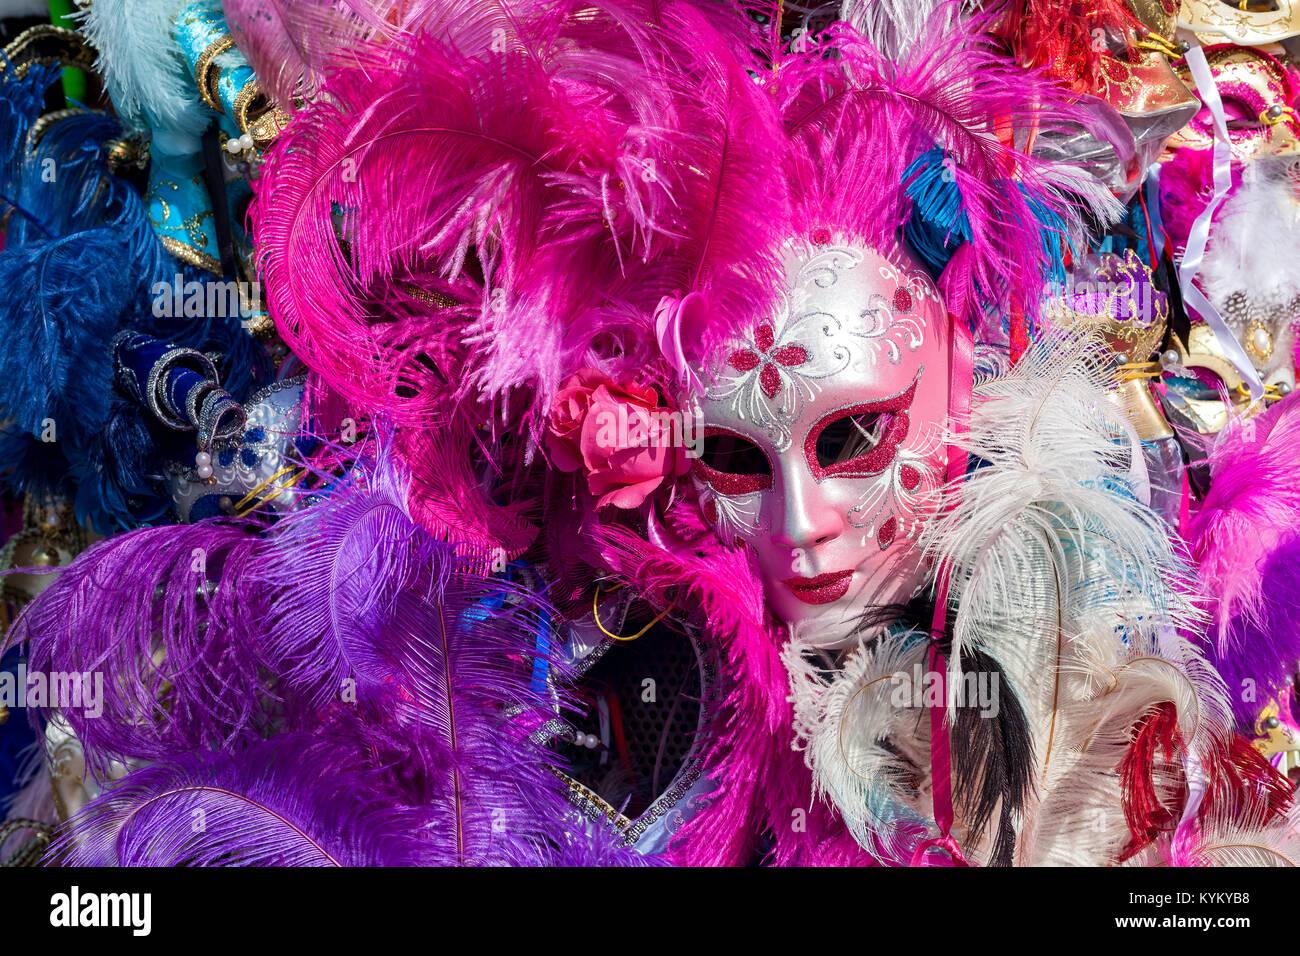 Masque de carnaval orné de plumes colorées entre à Venise, Italie. Photo Stock